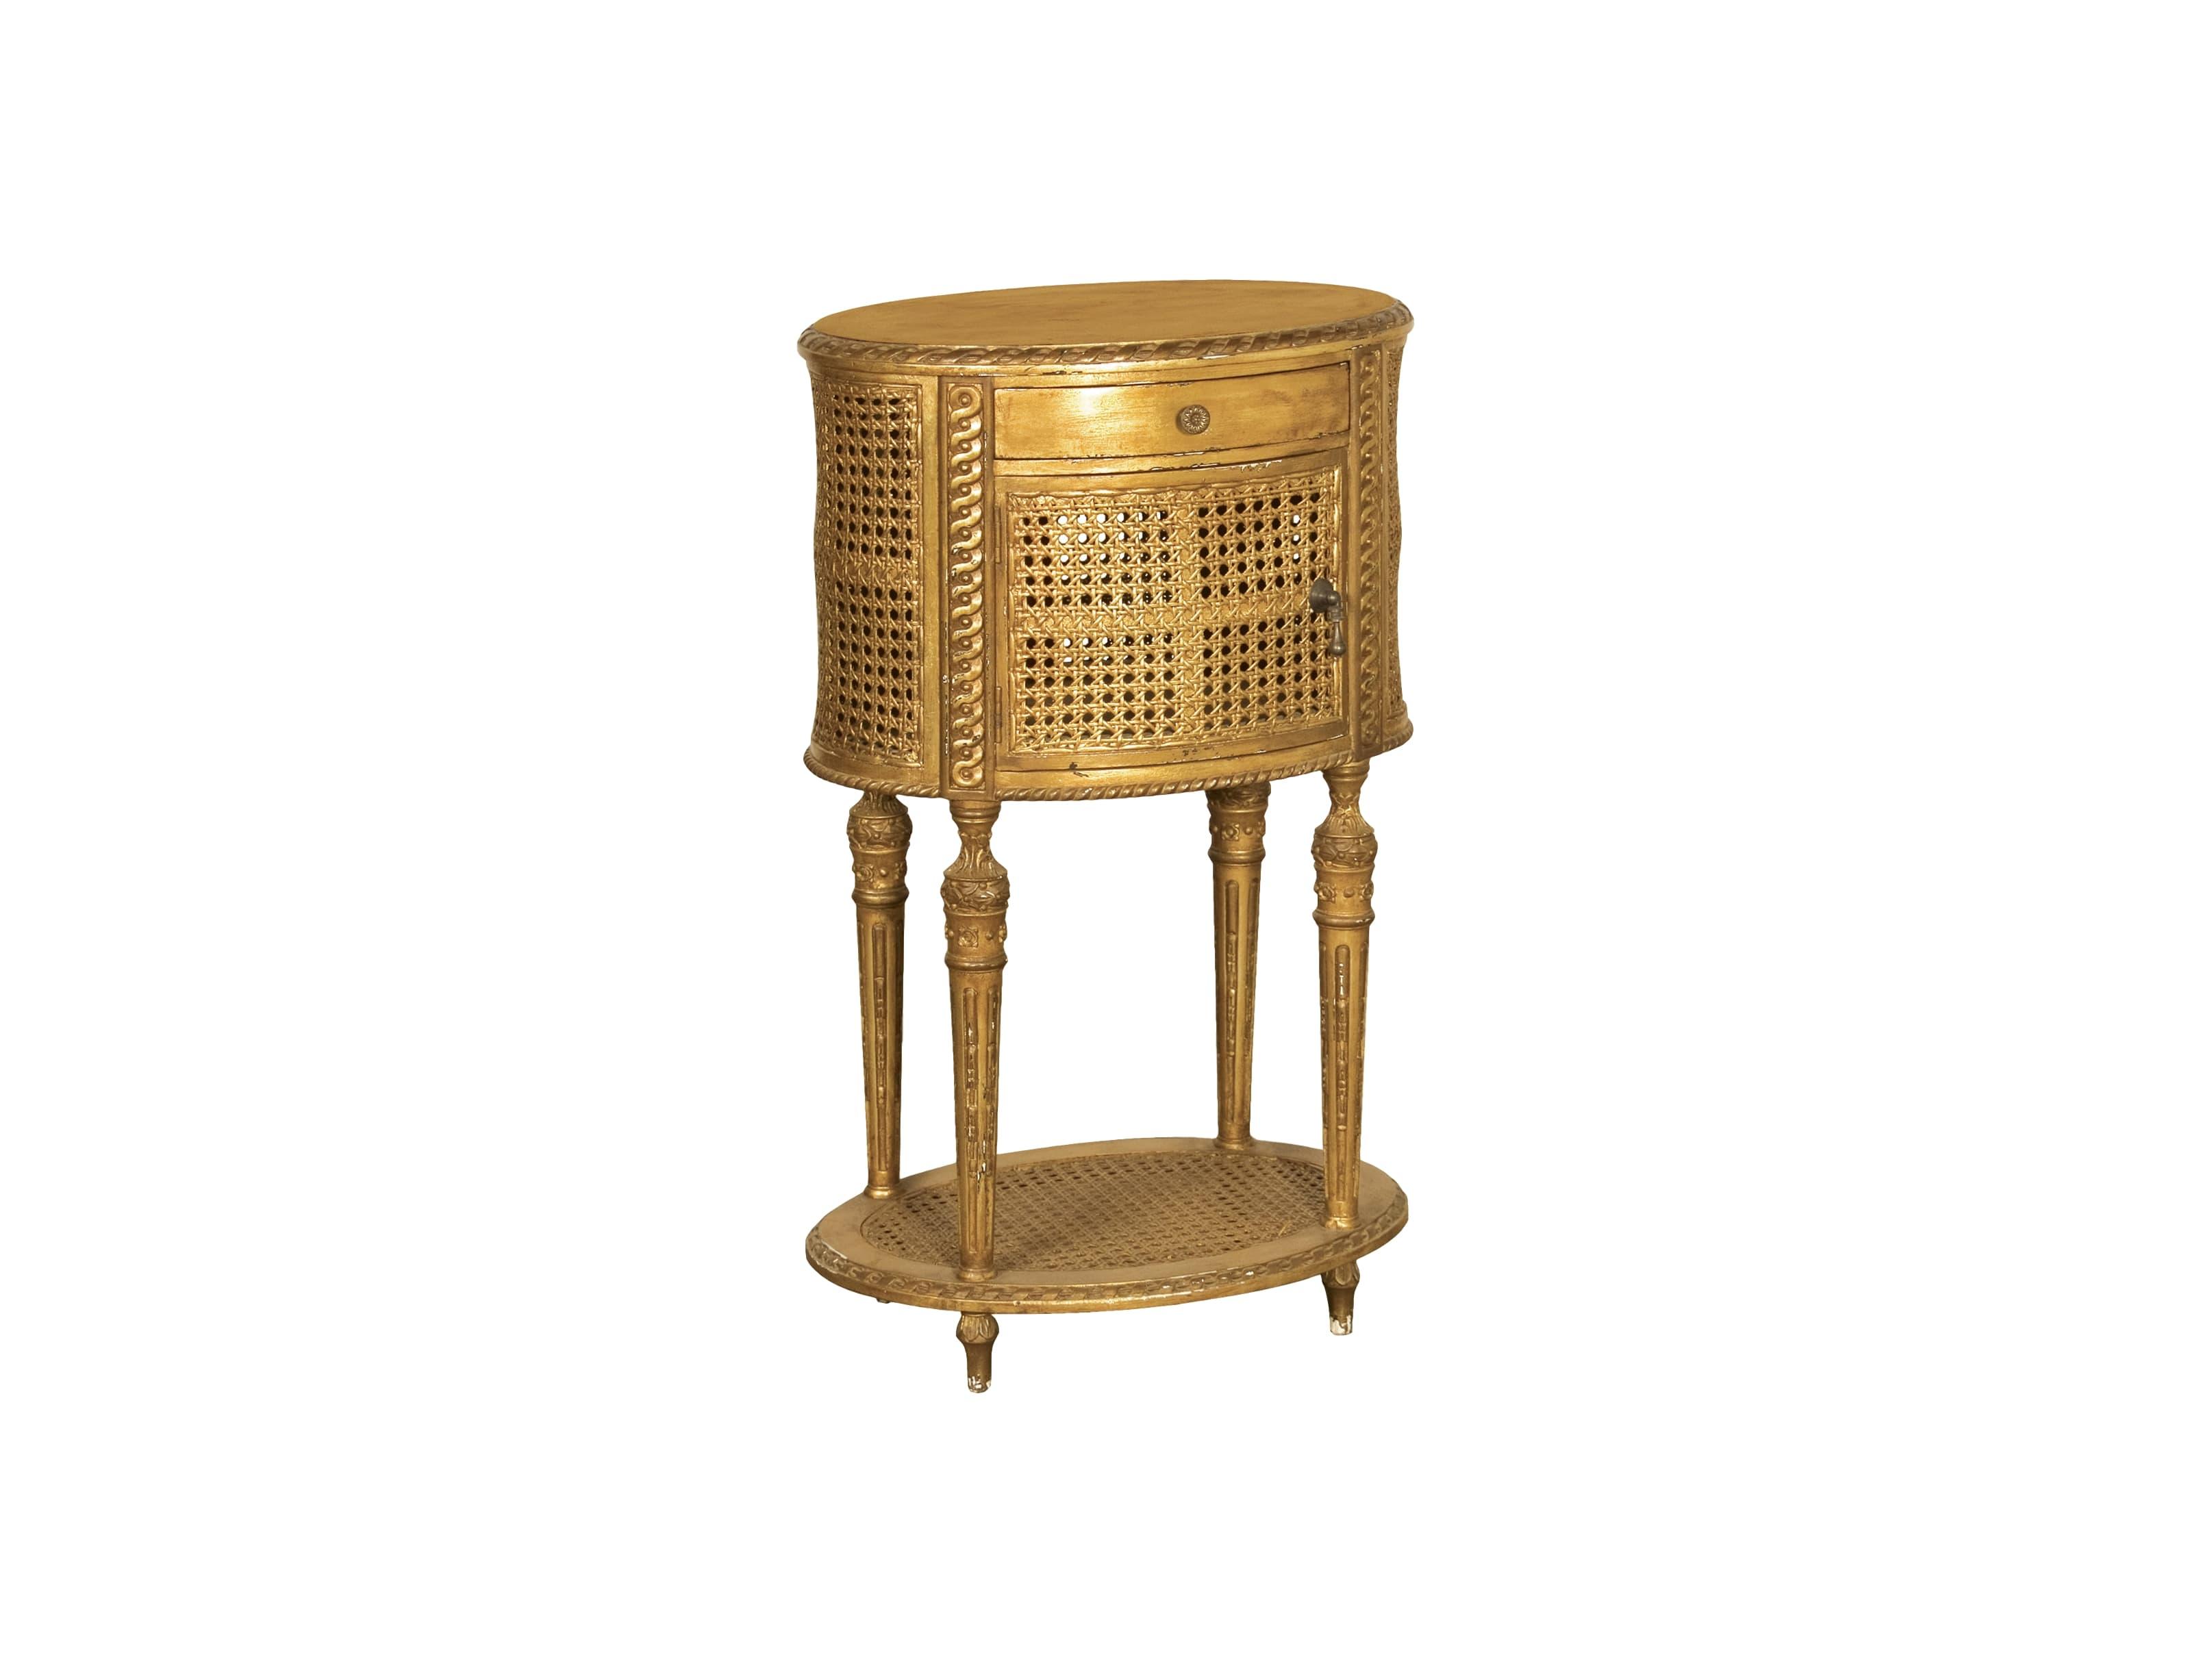 ТумбаПрикроватные тумбы, комоды, столики<br>Золотая прикроватная тумба, на изящных ножках, декорированная ротангом, с двумя ящиками.<br><br>Material: Красное дерево<br>Width см: 43<br>Depth см: 33<br>Height см: 73